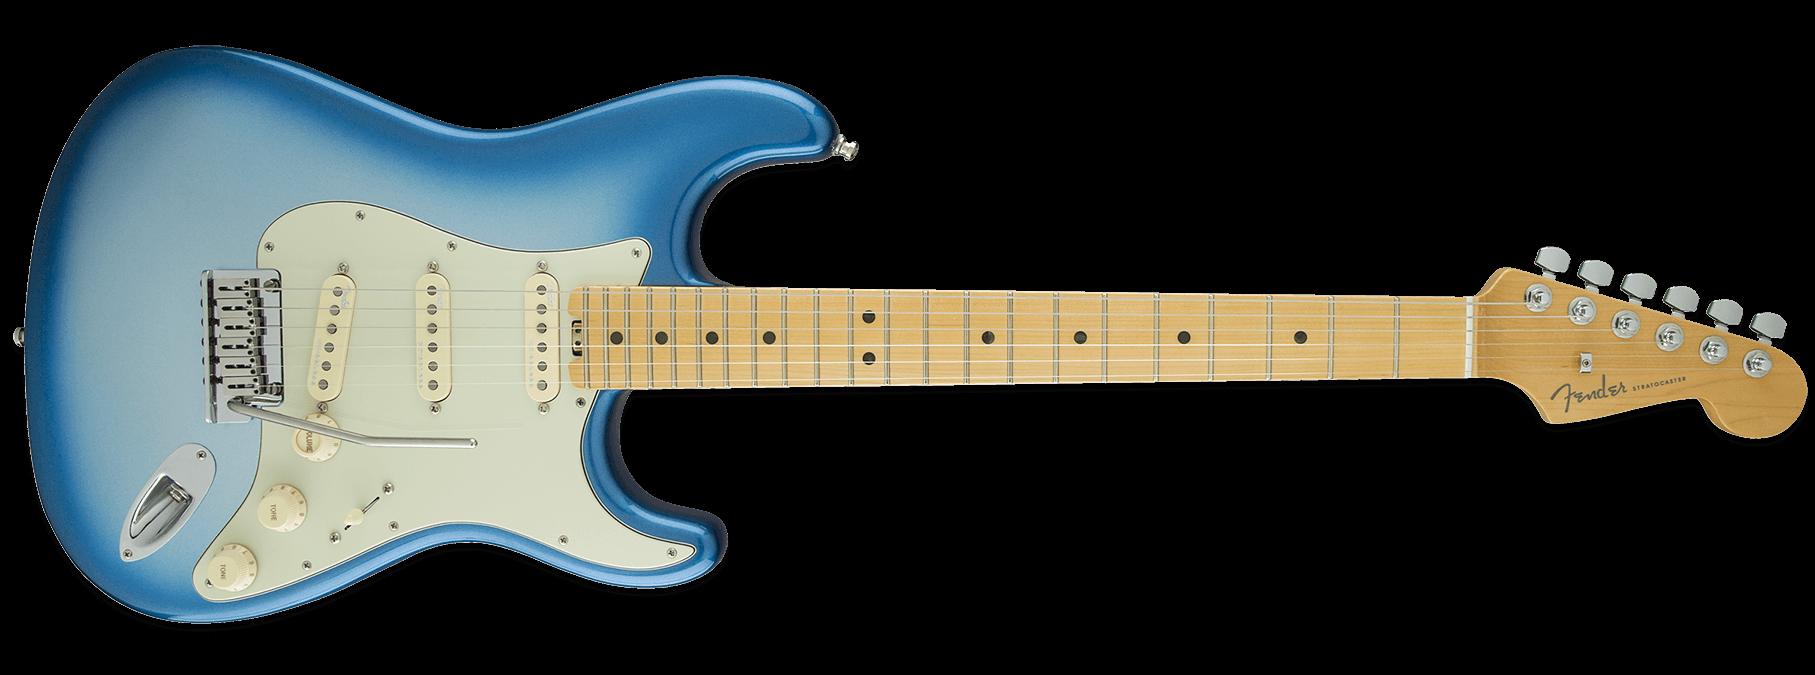 Fender American Elite Stratocaster Sky Burst Metallic